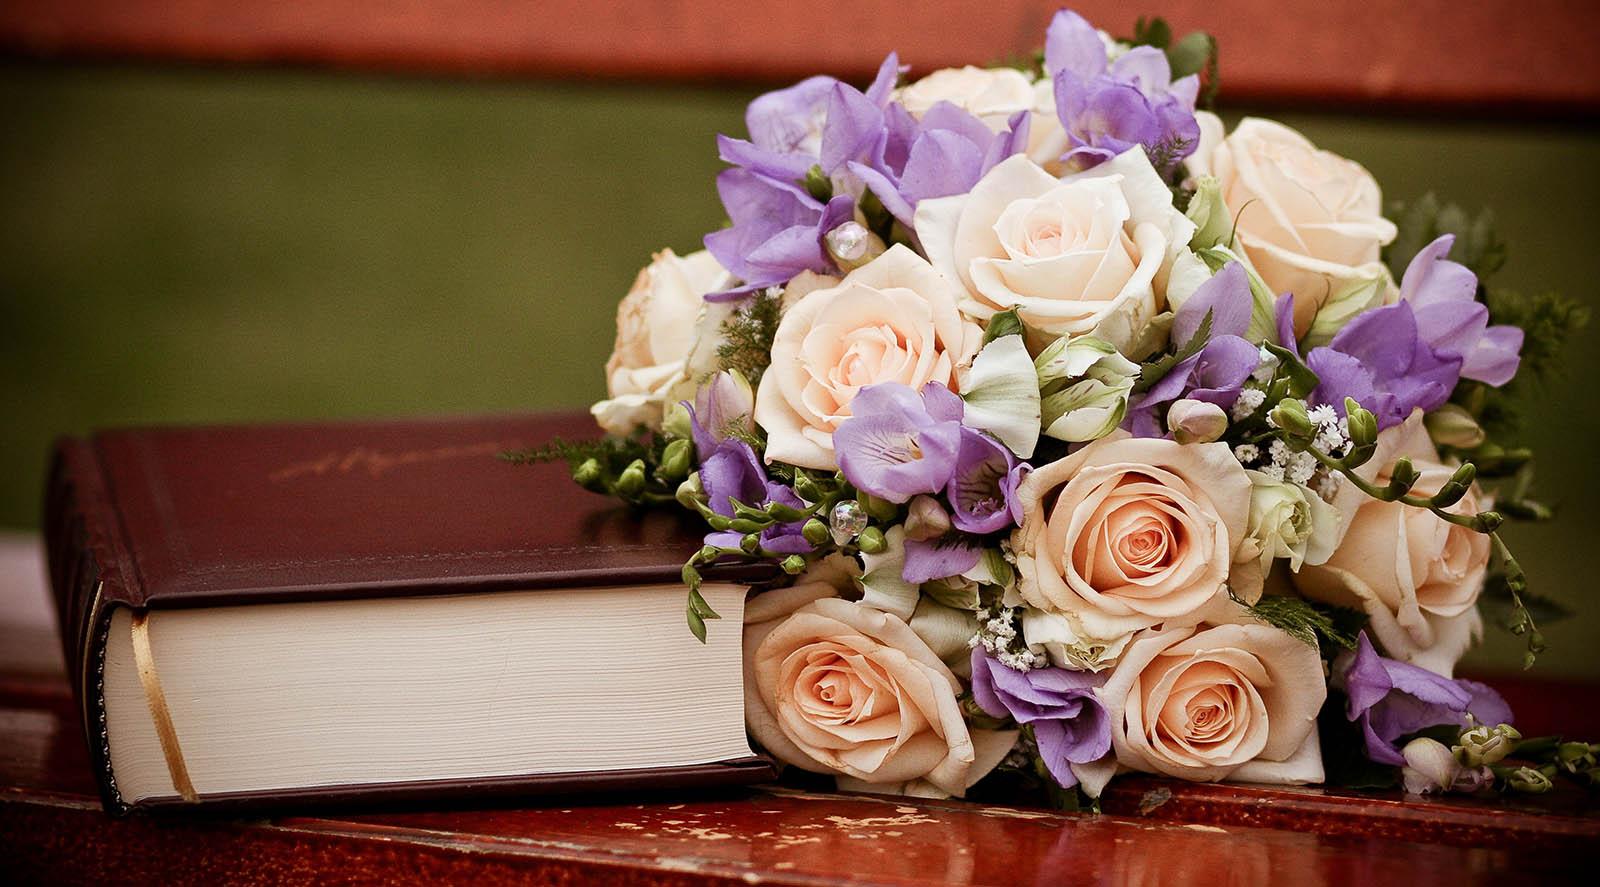 دانلود رمان از غرور تا عشق جاوا، اندروید، pdf، تبلت